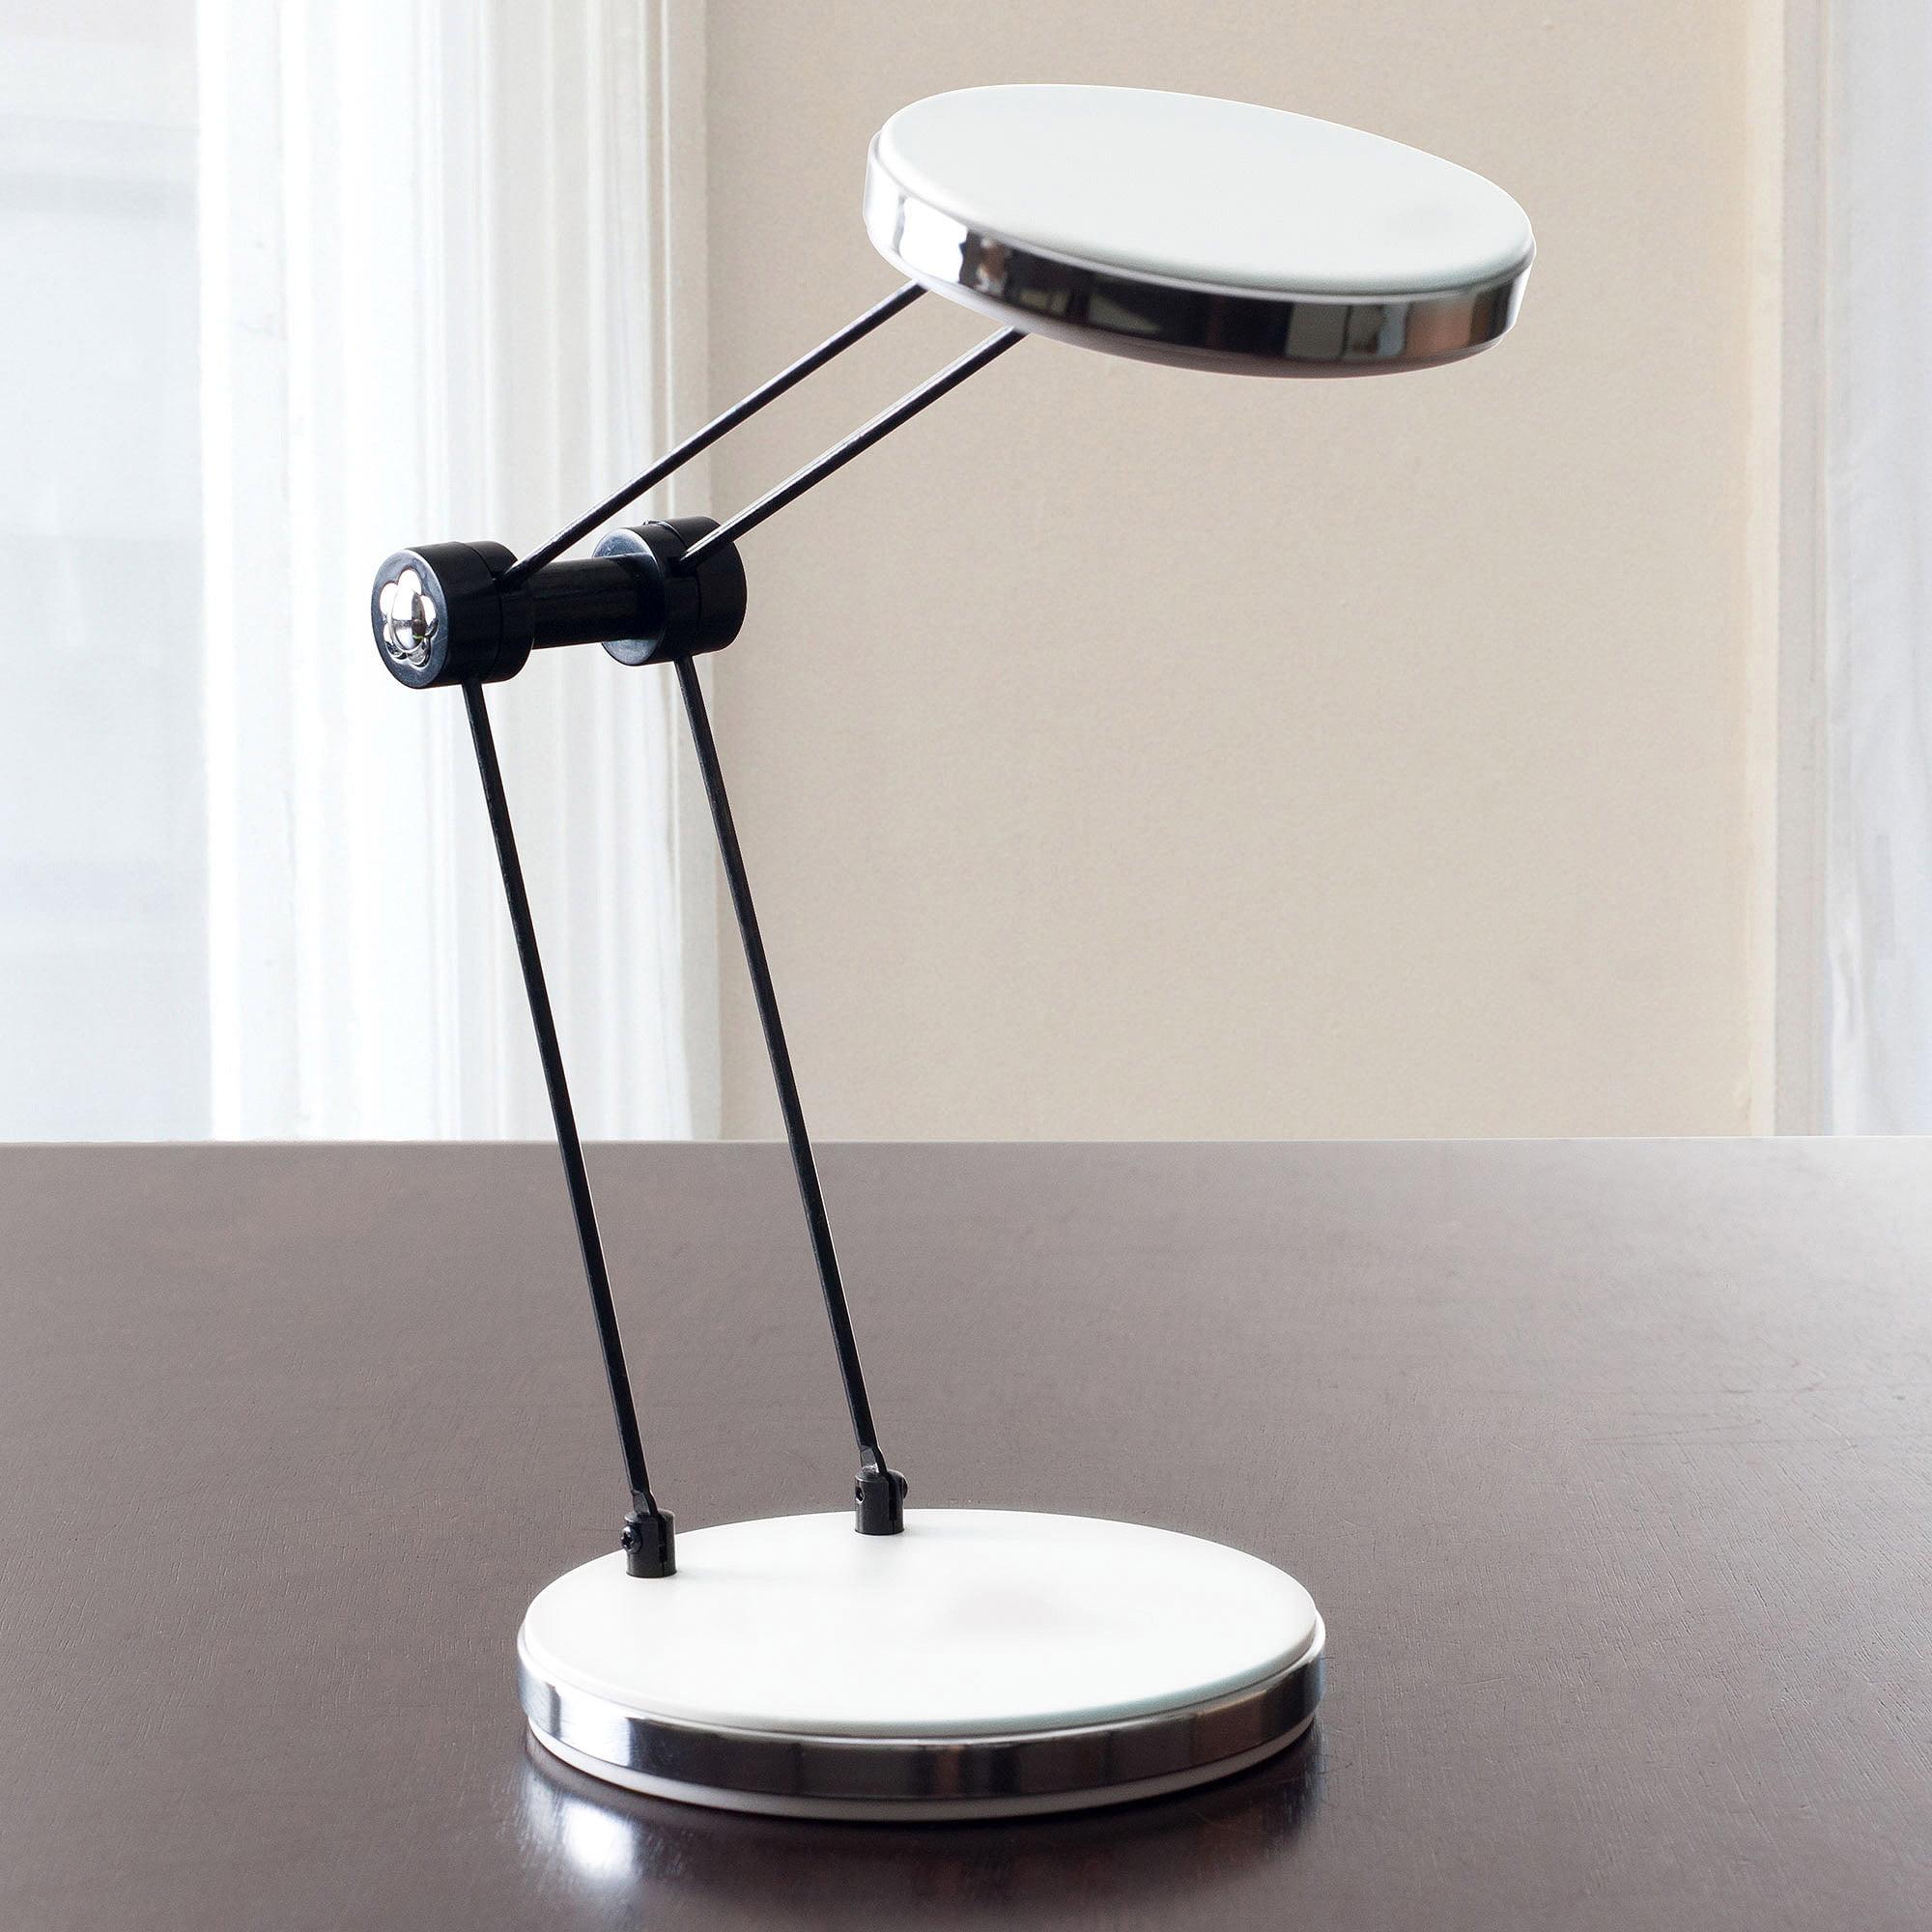 Lavish Home LED USB Foldable Desk Lamp